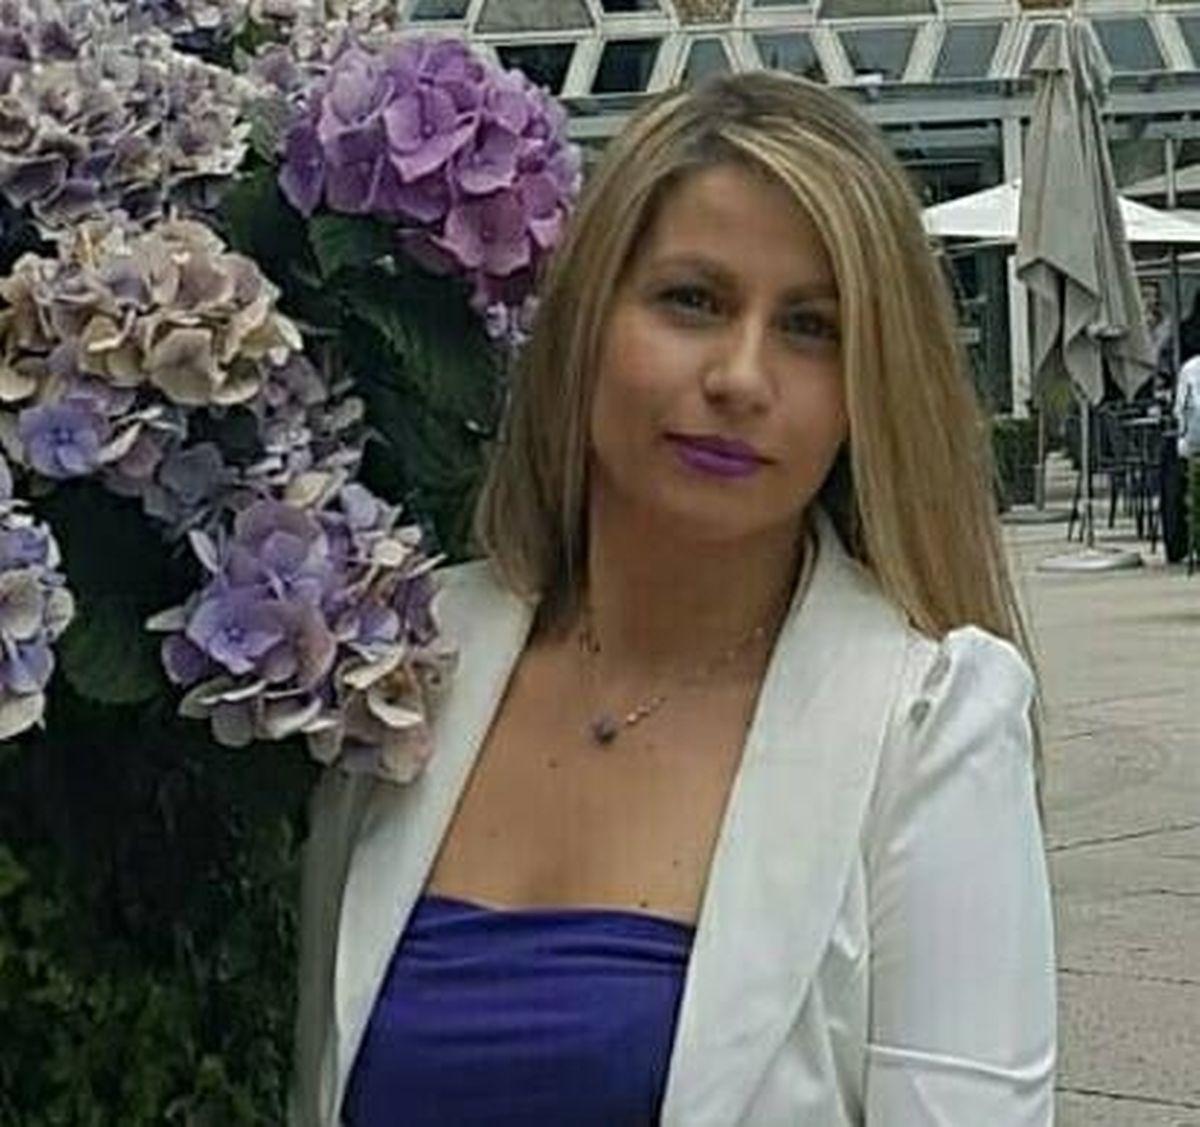 Nuria Iturralde, juriste et membre du Collectif Monoparental, a déposé en 2016 une pétition demandant «l'octroi de la classe d'impôt 2 aux familles monoparentales».